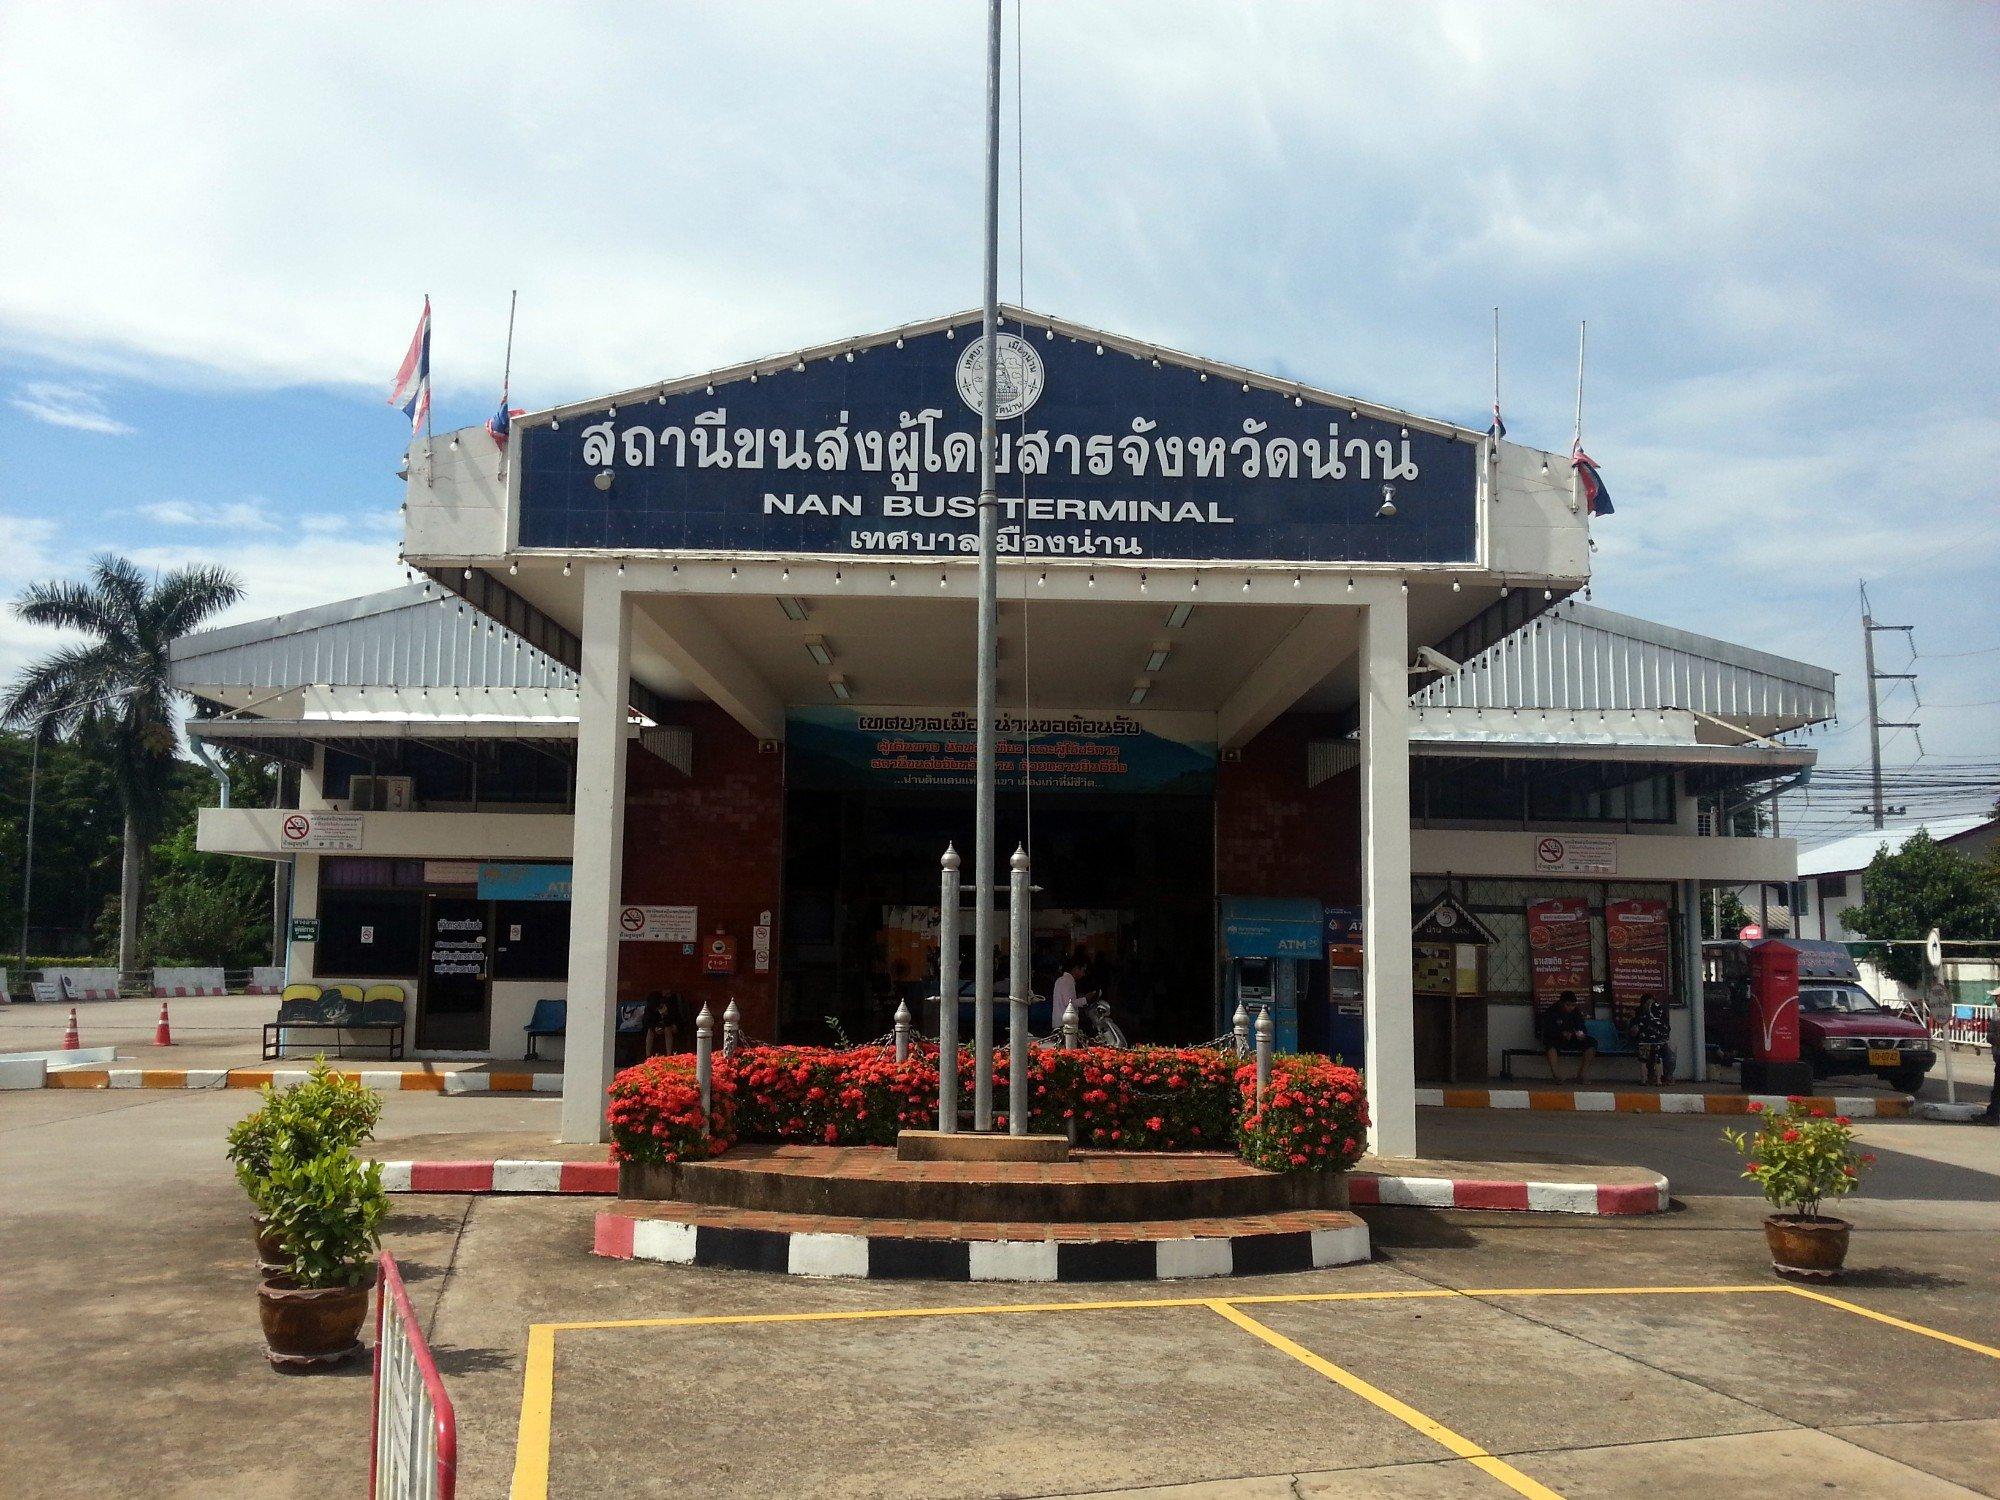 Nan Bus Terminal